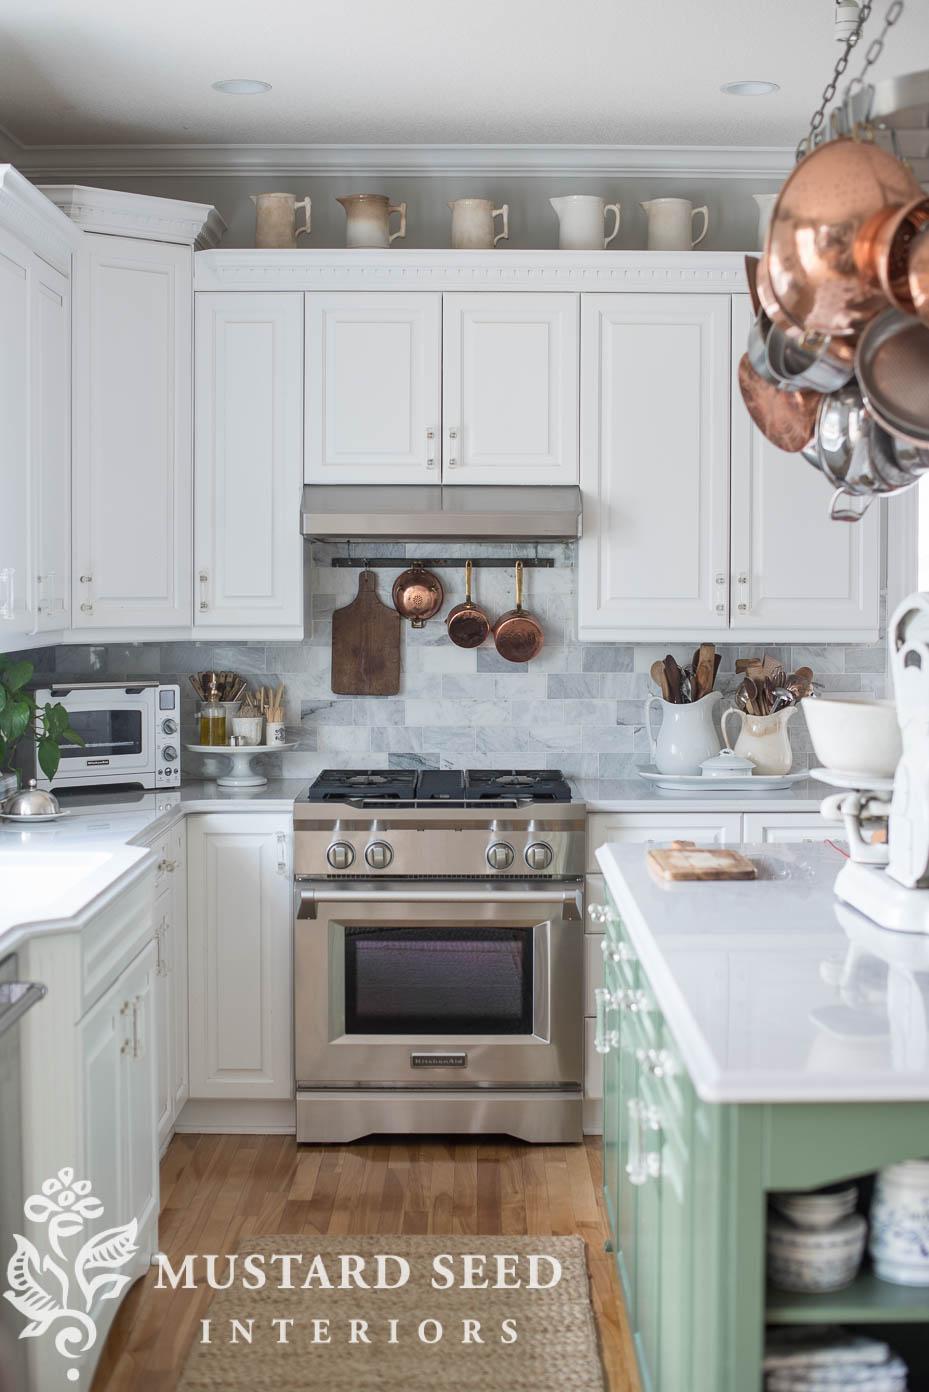 white kitchen   marble backsplash   green kitchen island   decorating ideas   trends   miss mustard seed